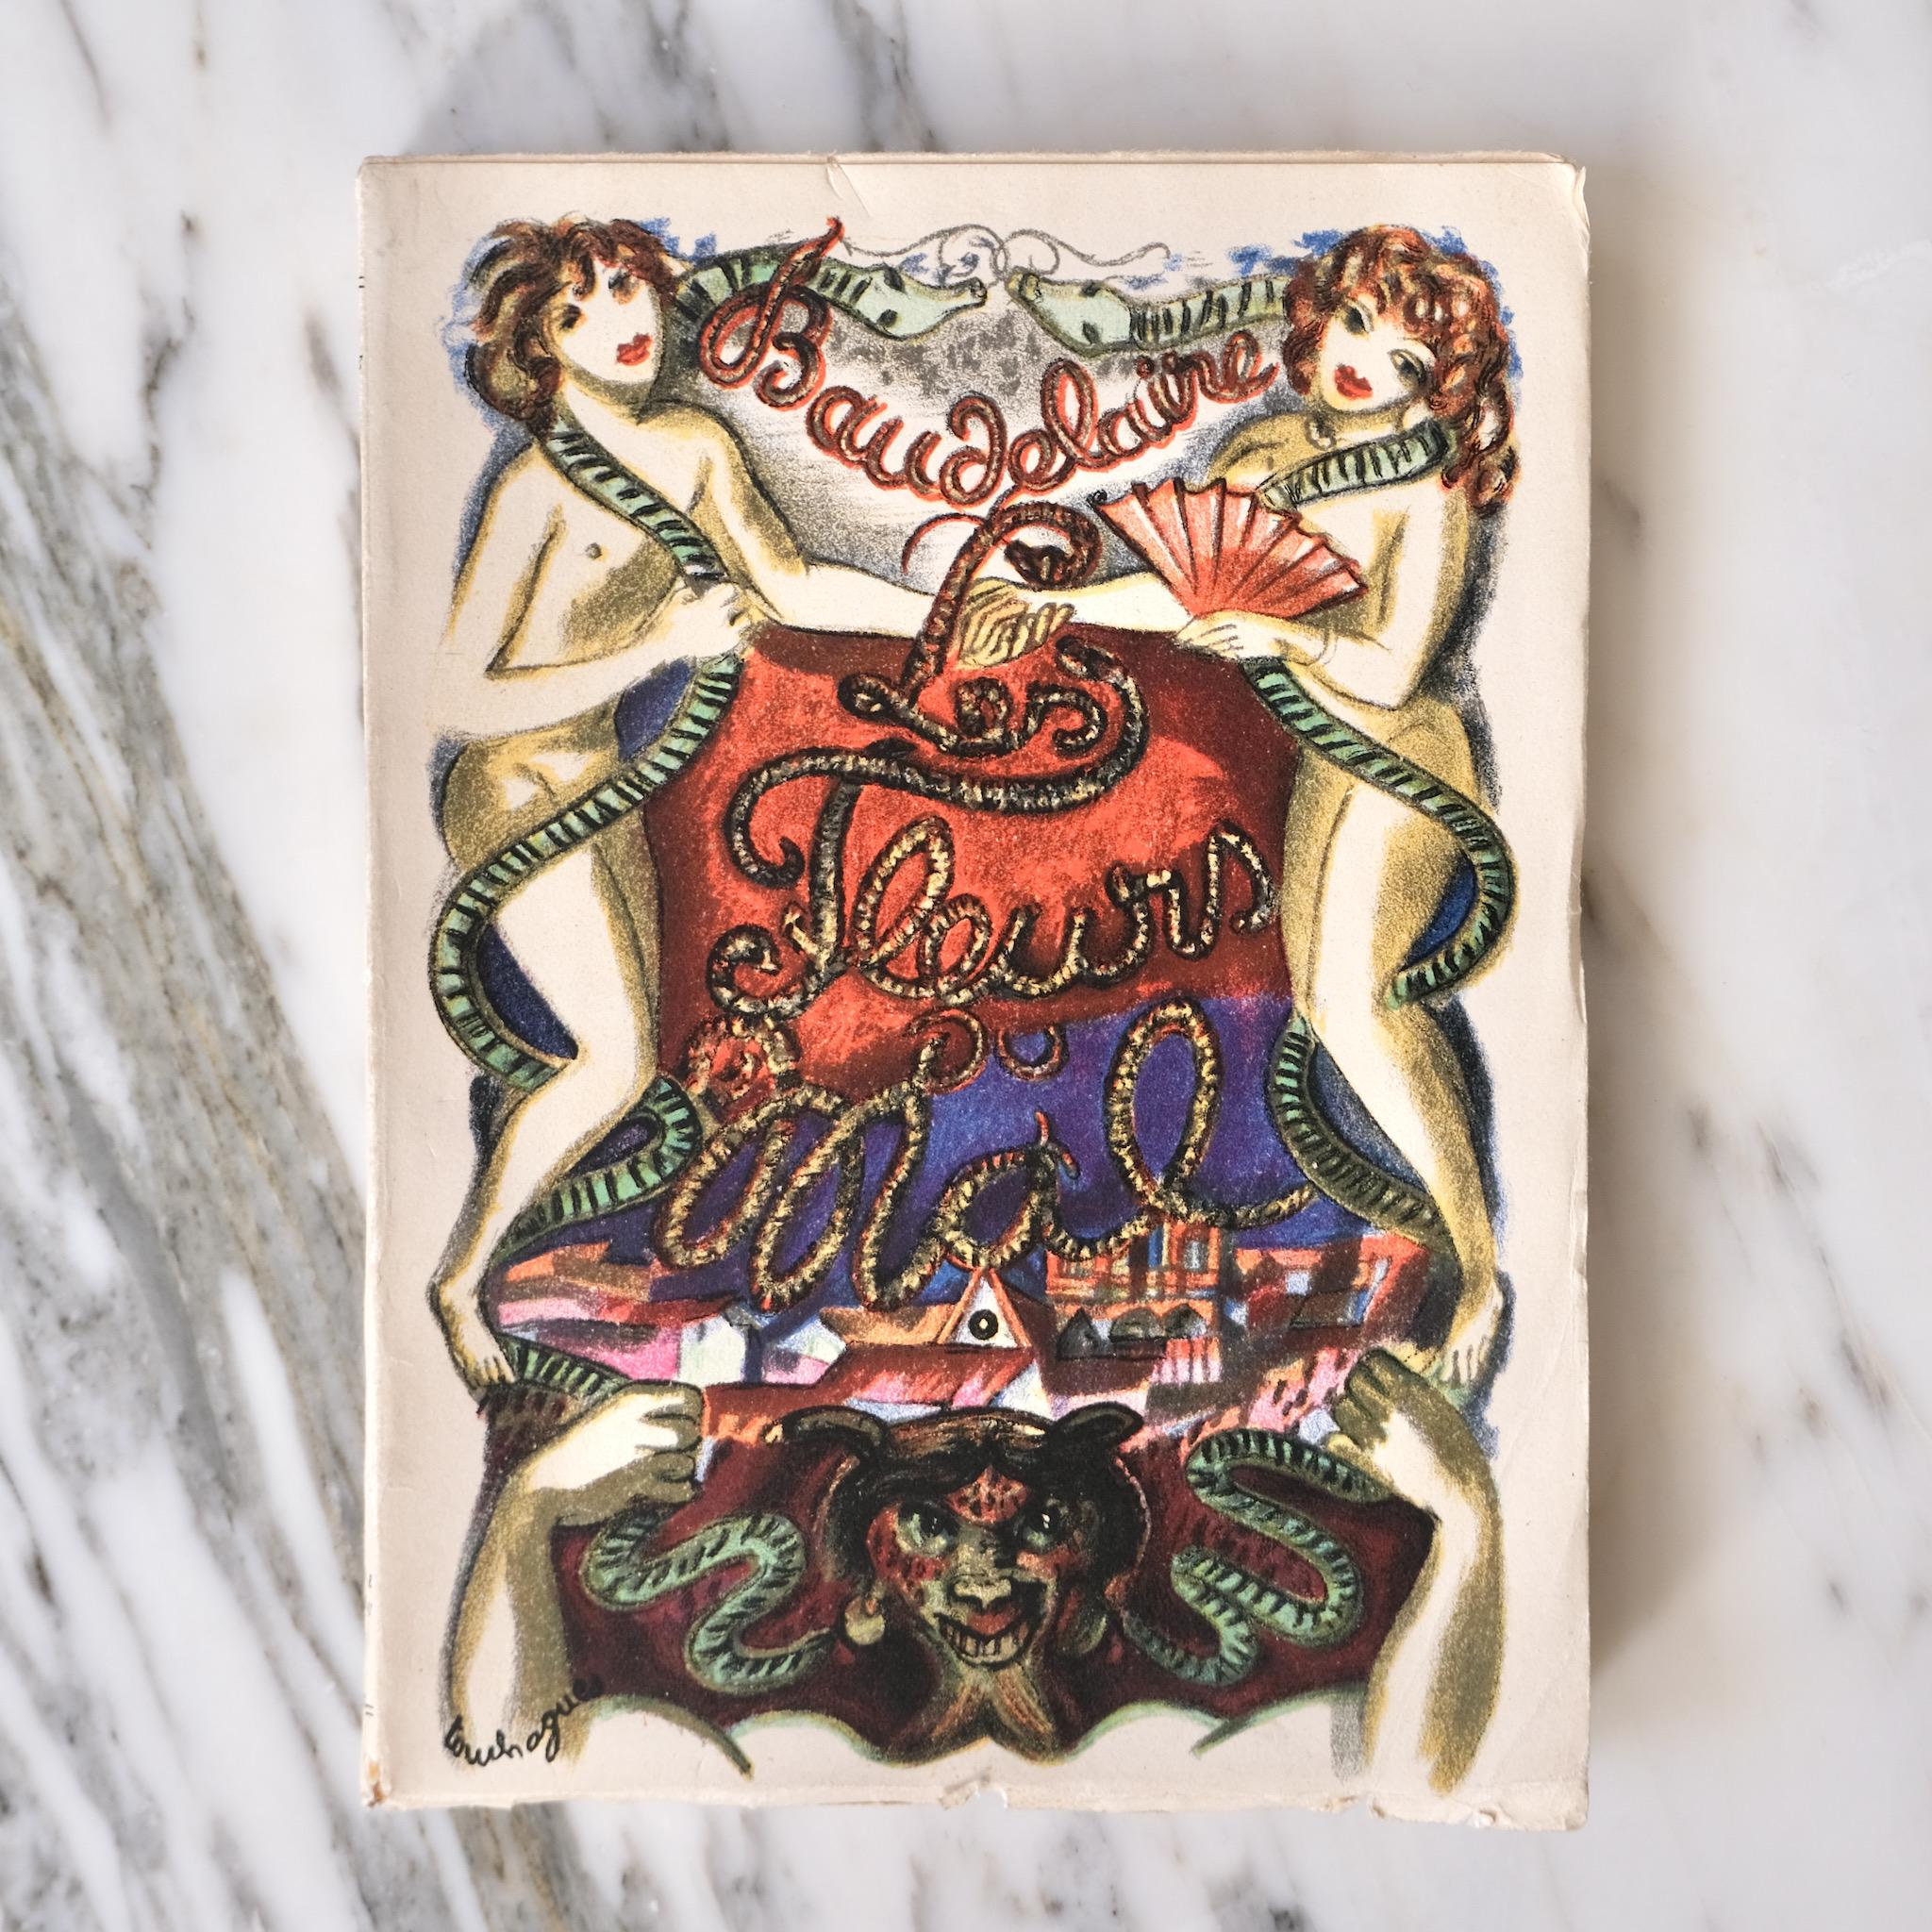 Baudelaire's 'Les Fleurs du Mal' 1949 edition